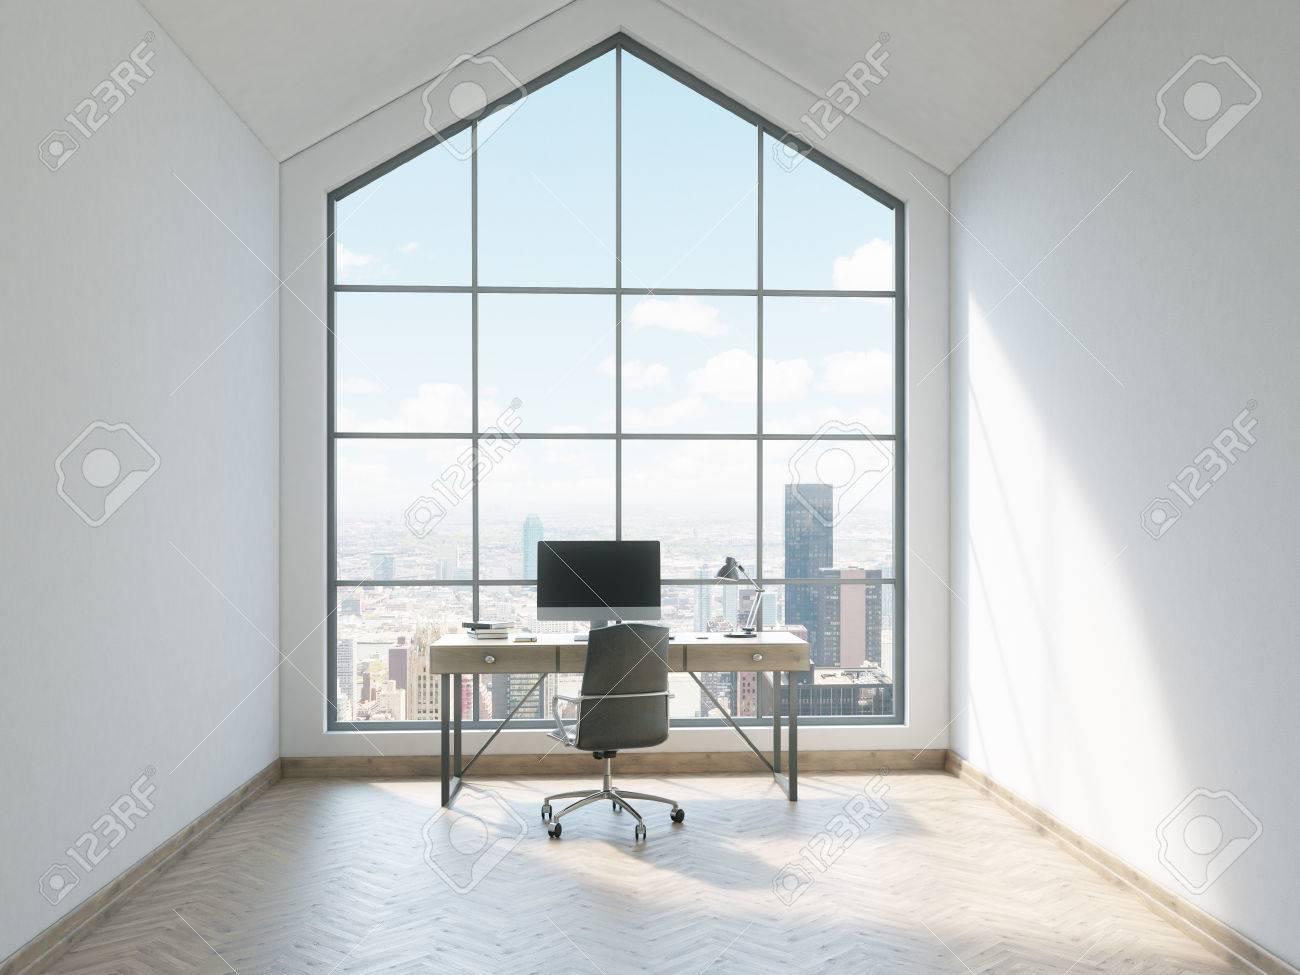 Frontansicht Des Minimalistischen Büro Interieur Mit Holzboden ...